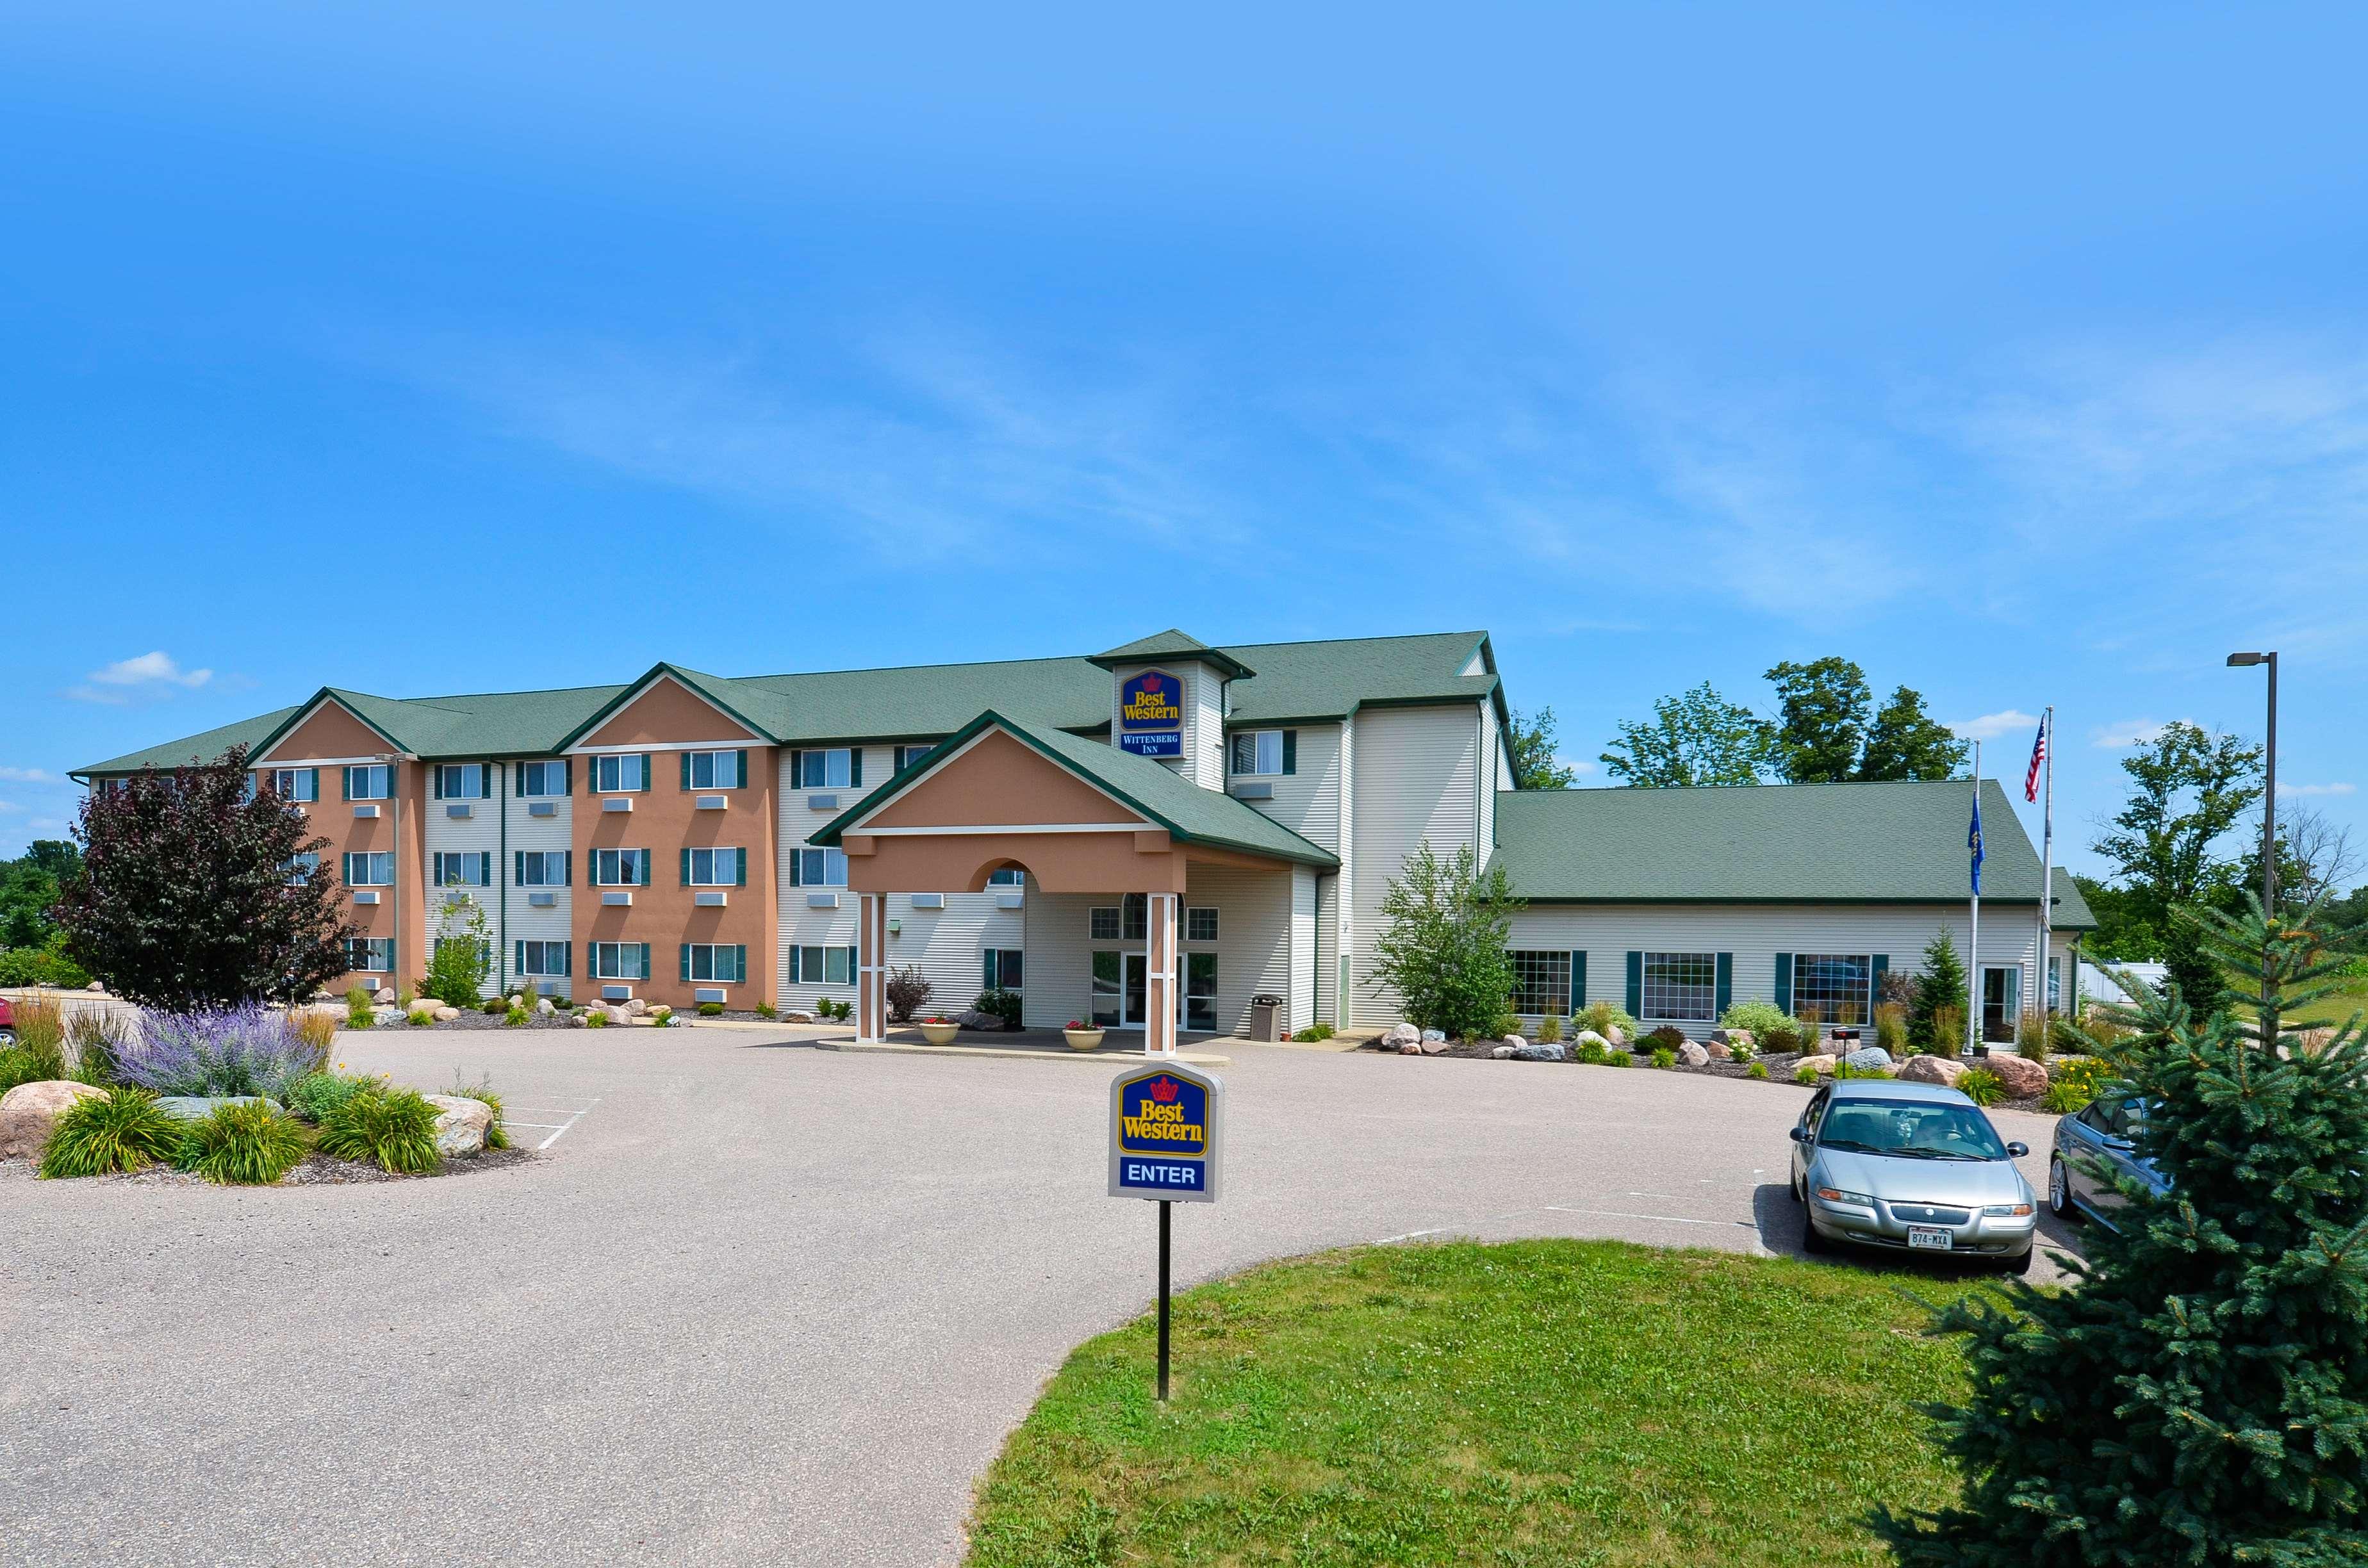 Hotels Near Wittenberg Wi